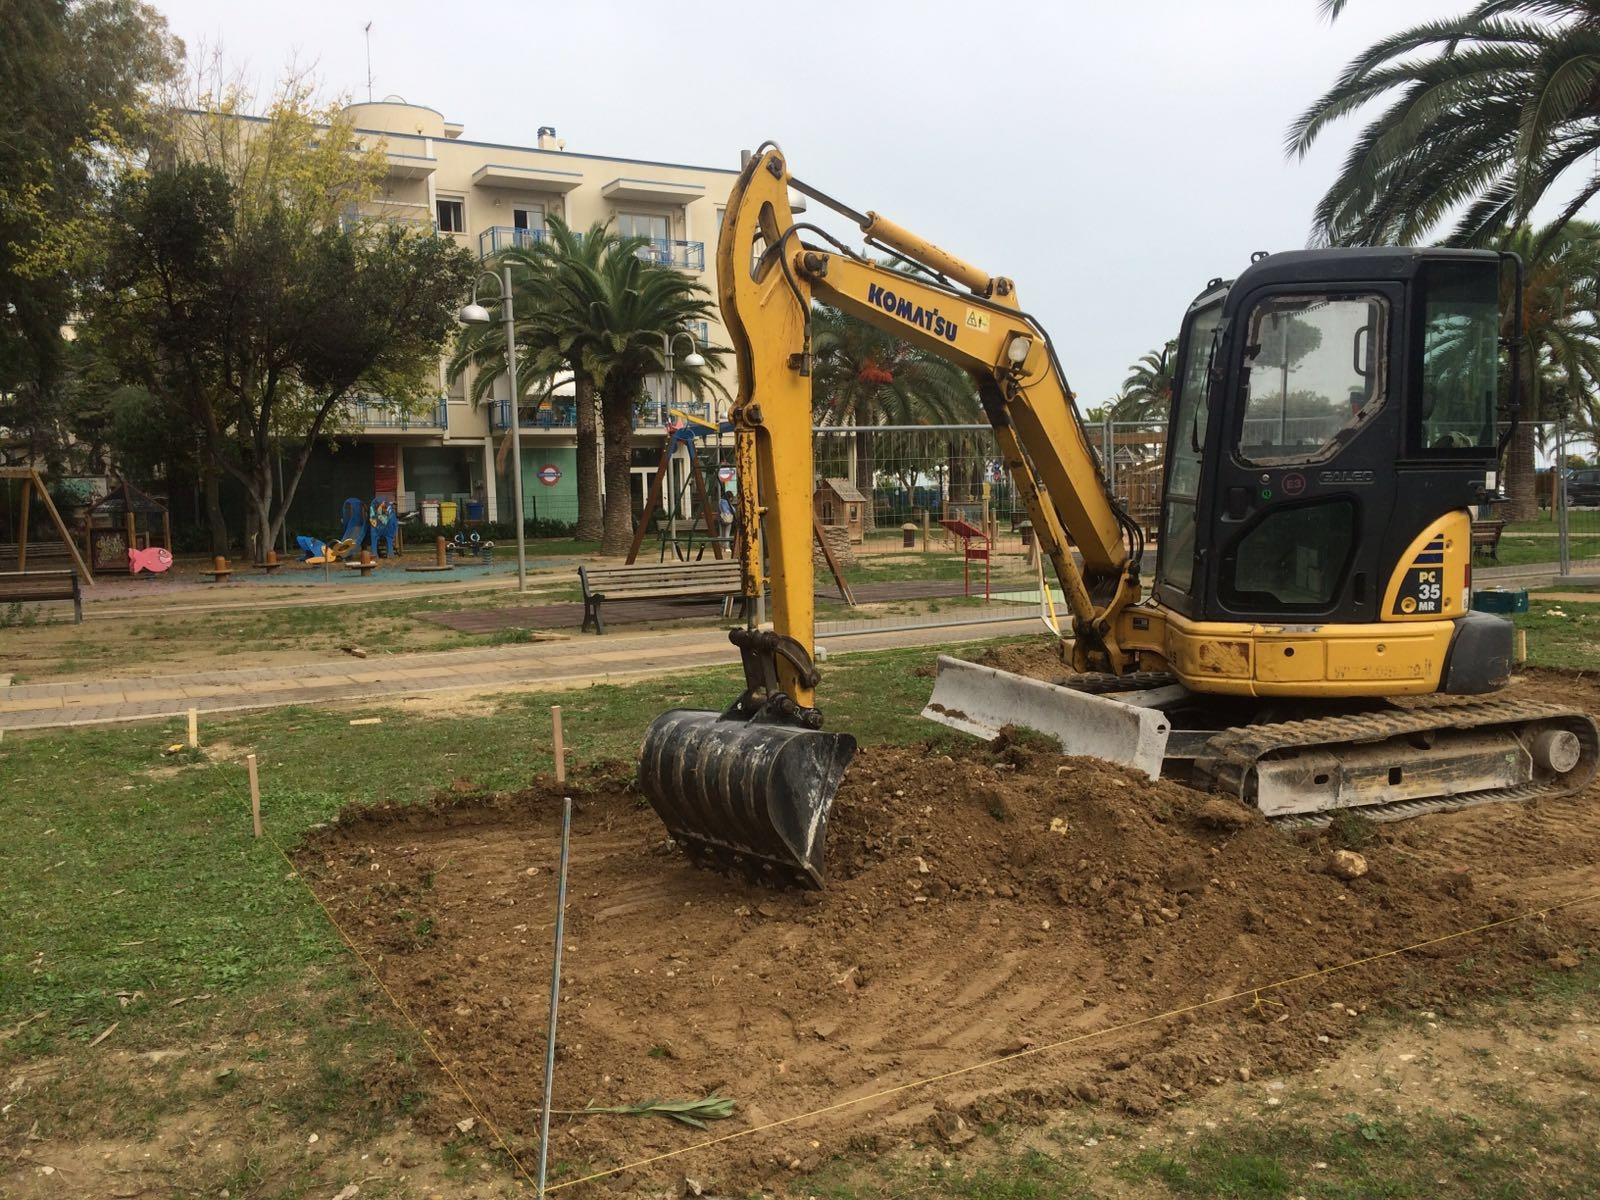 Iniziati i lavori nella Bambinopoli di Parco degli Eucalipti per l'installazione dei nuovi giochi